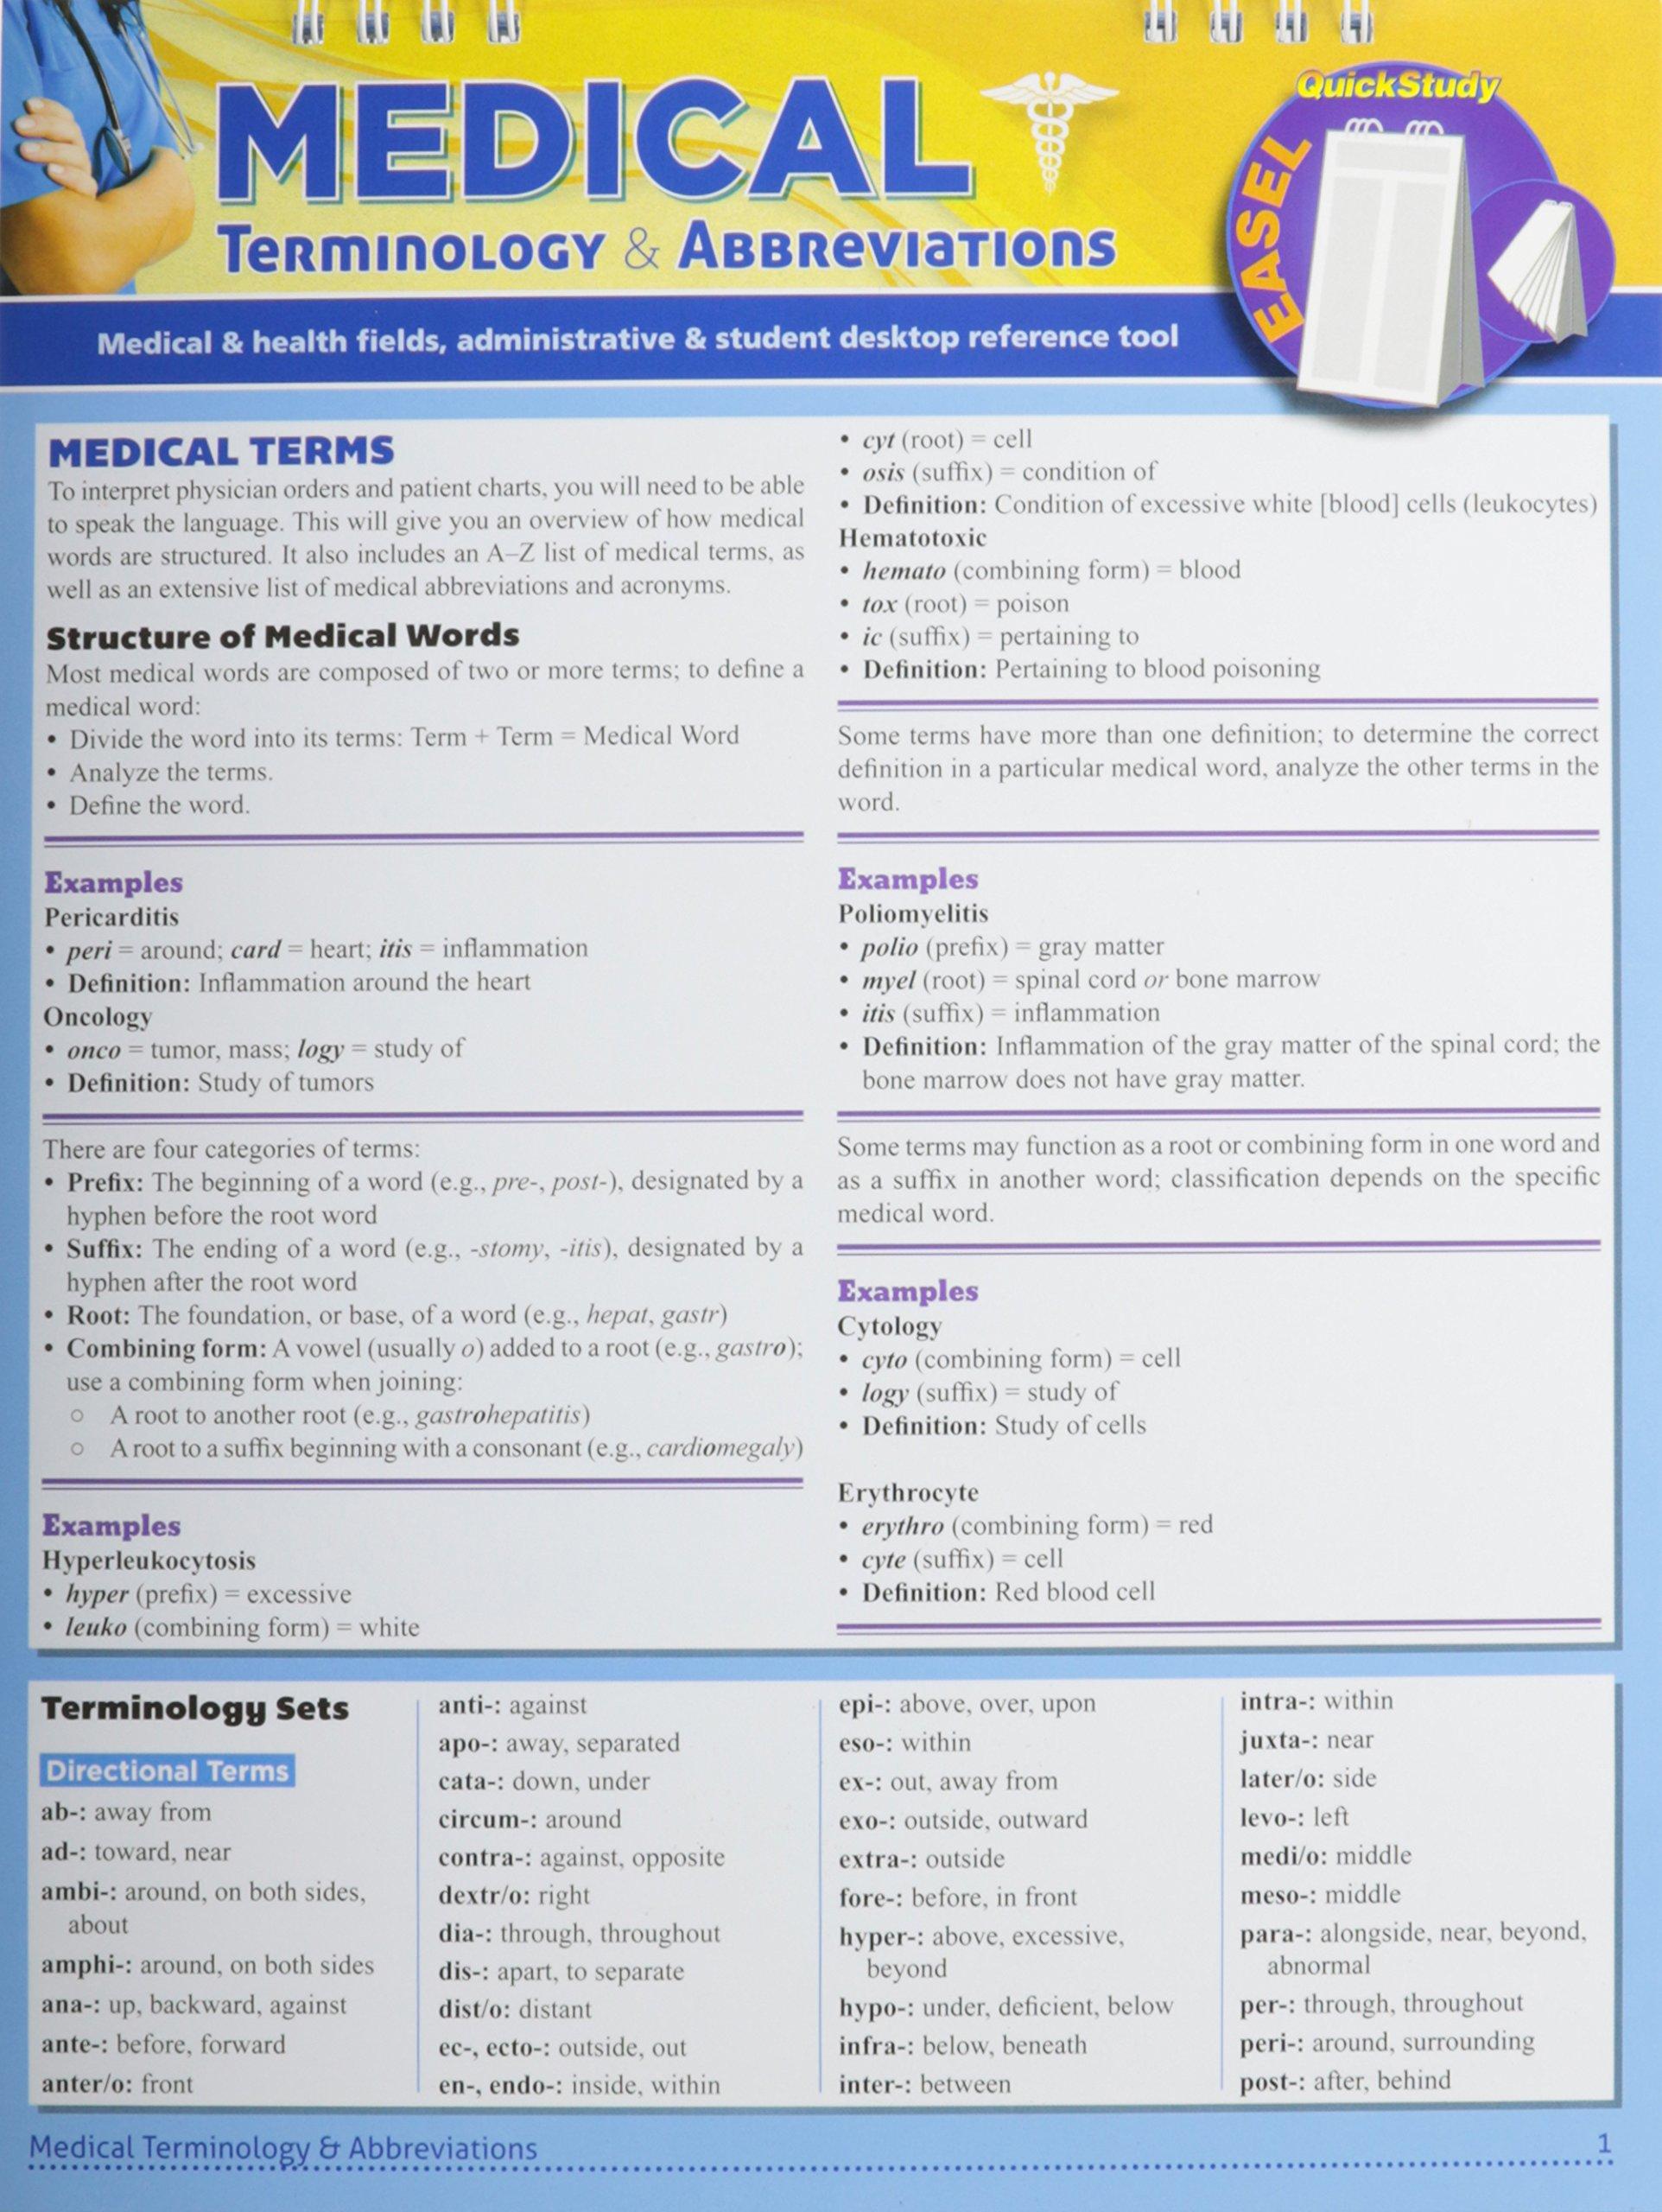 Medical abbreviation for between - Medical Terminology Abbreviations Quick Study Easel Inc Barcharts 8601423475561 Amazon Com Books